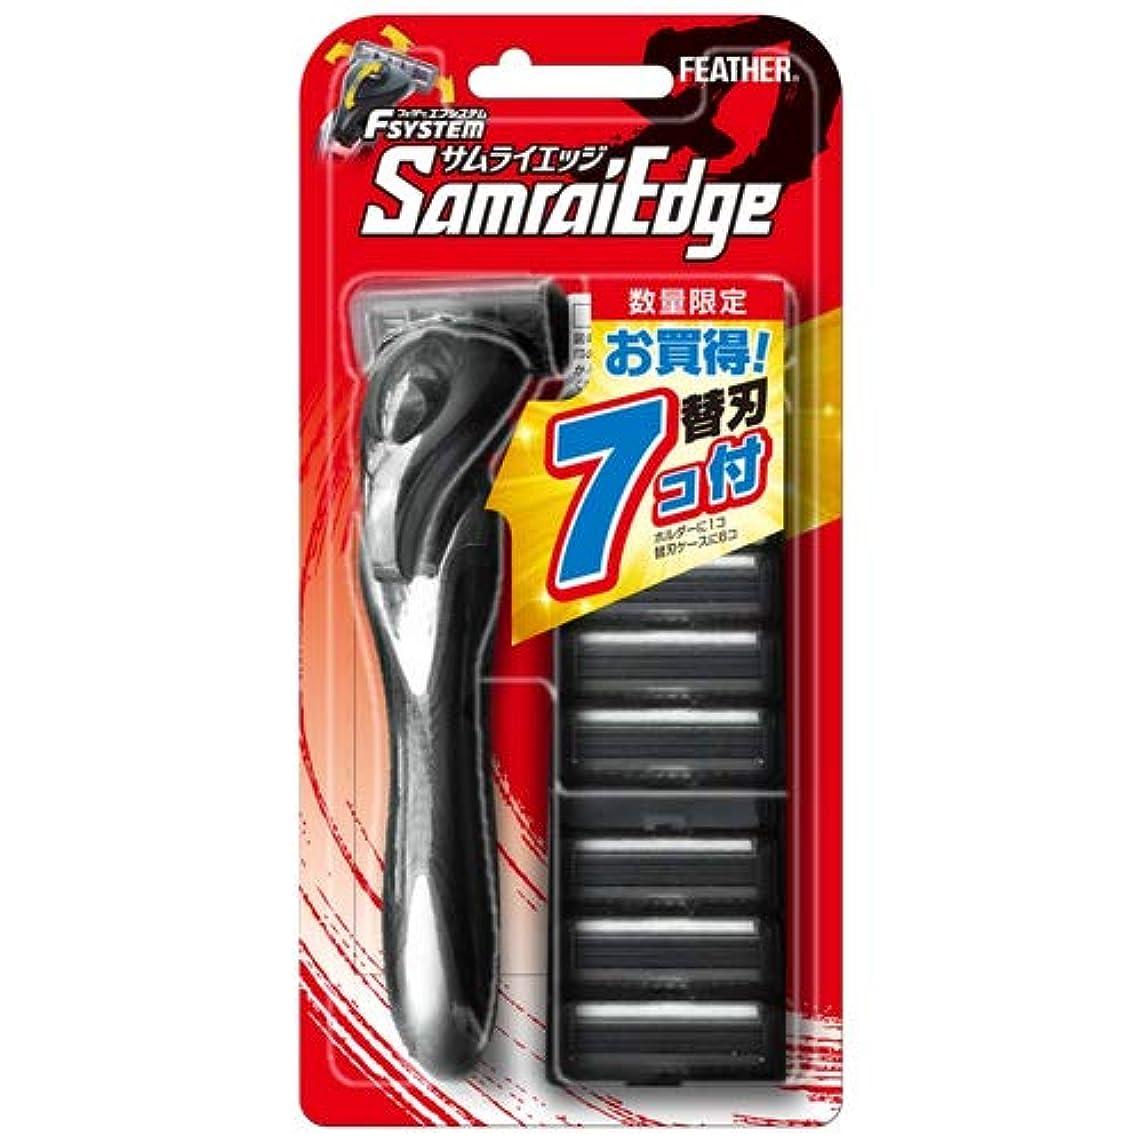 不測の事態キャプテンマーキーフェザー安全剃刀 サムライエッジ 替刃 7コ付き バリューパック セット 1本+替刃7個